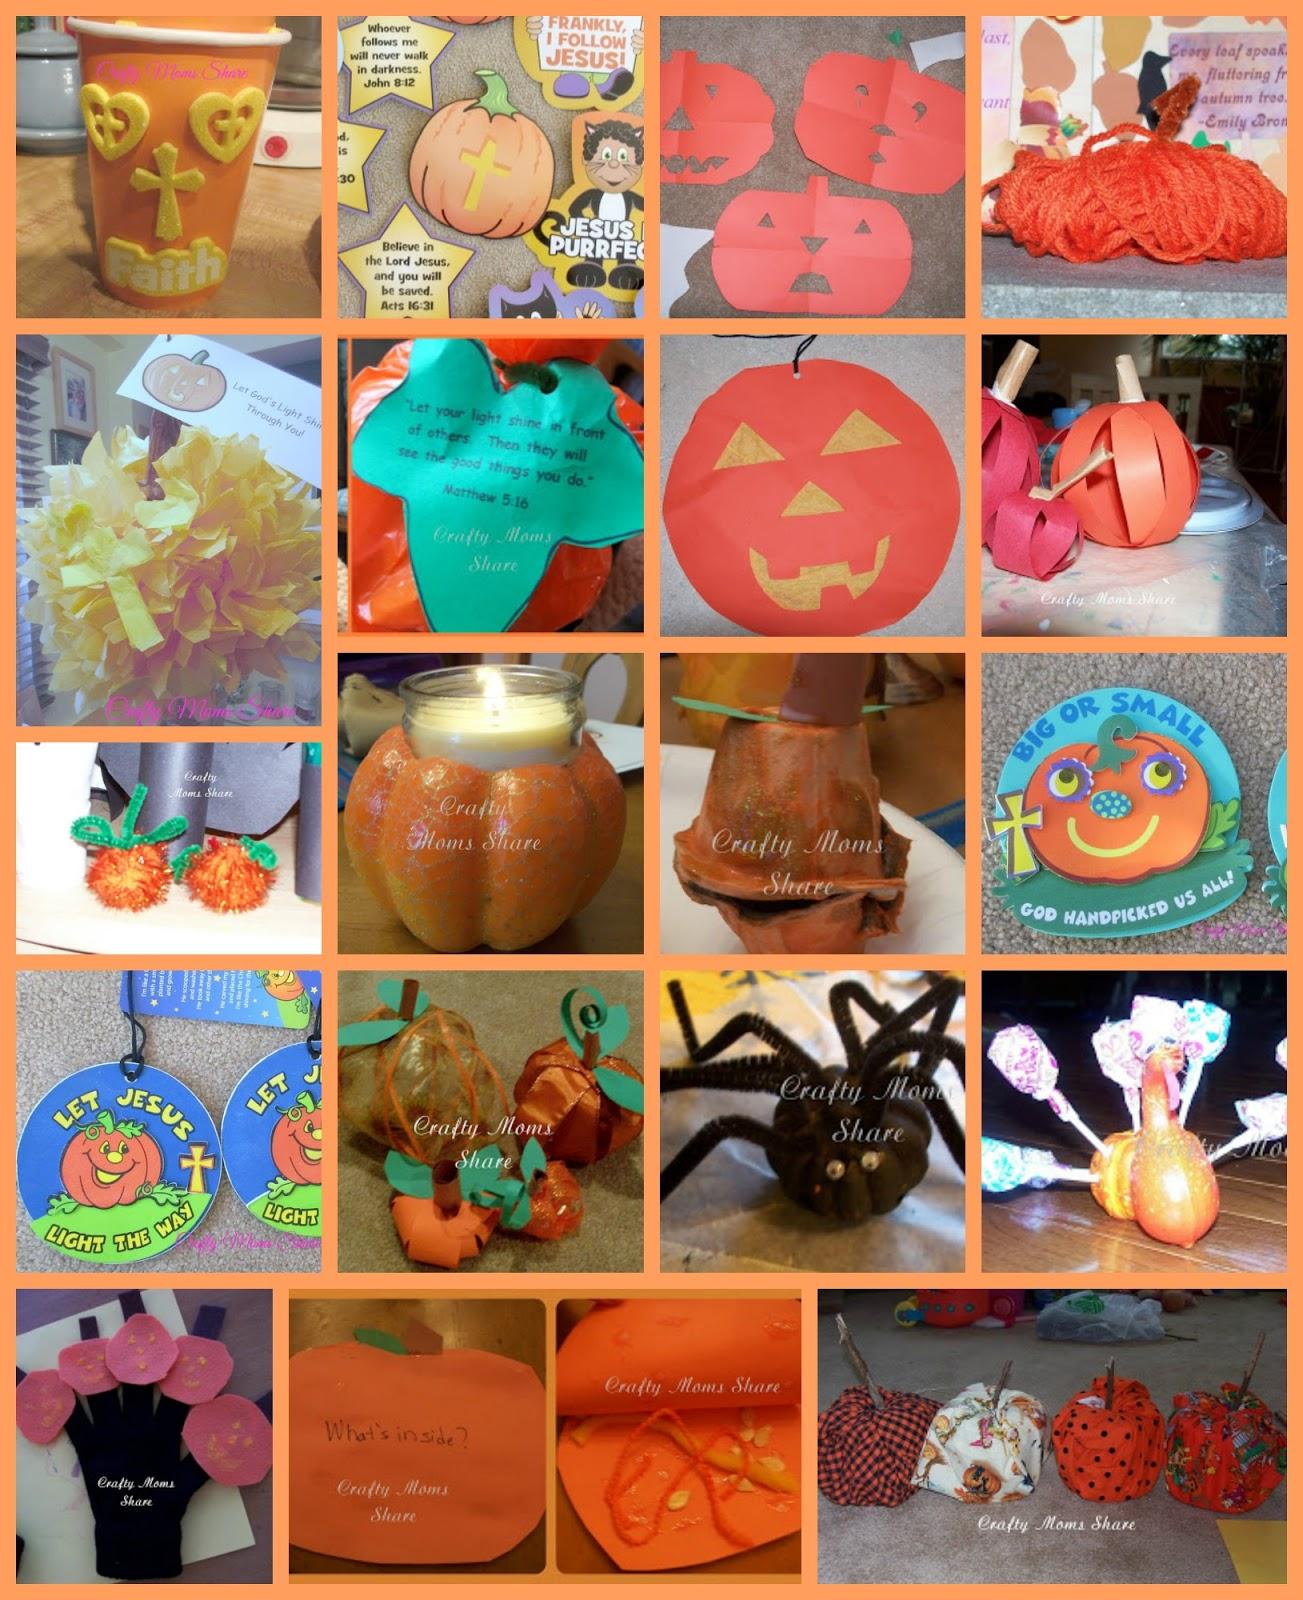 2 christian halloween decorations 3 paper cut pumpkins 4 yarn pumpkin 5 paper pom pom pumpkinjack o lantern 6 pumpkin patch parable pumpkin